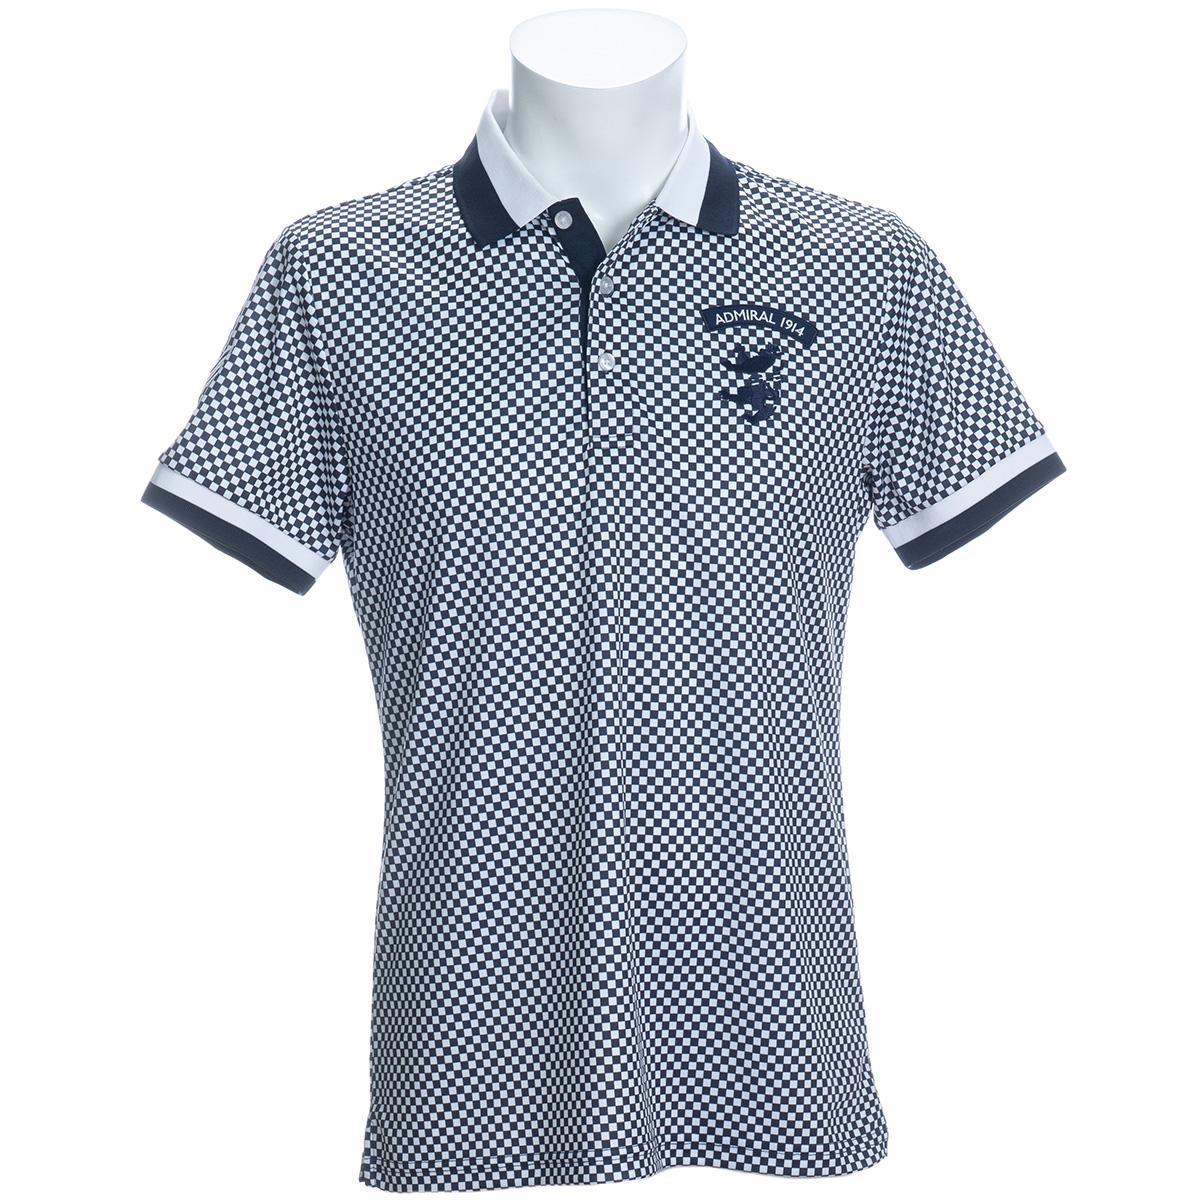 グランプリチェック 半袖ポロシャツ